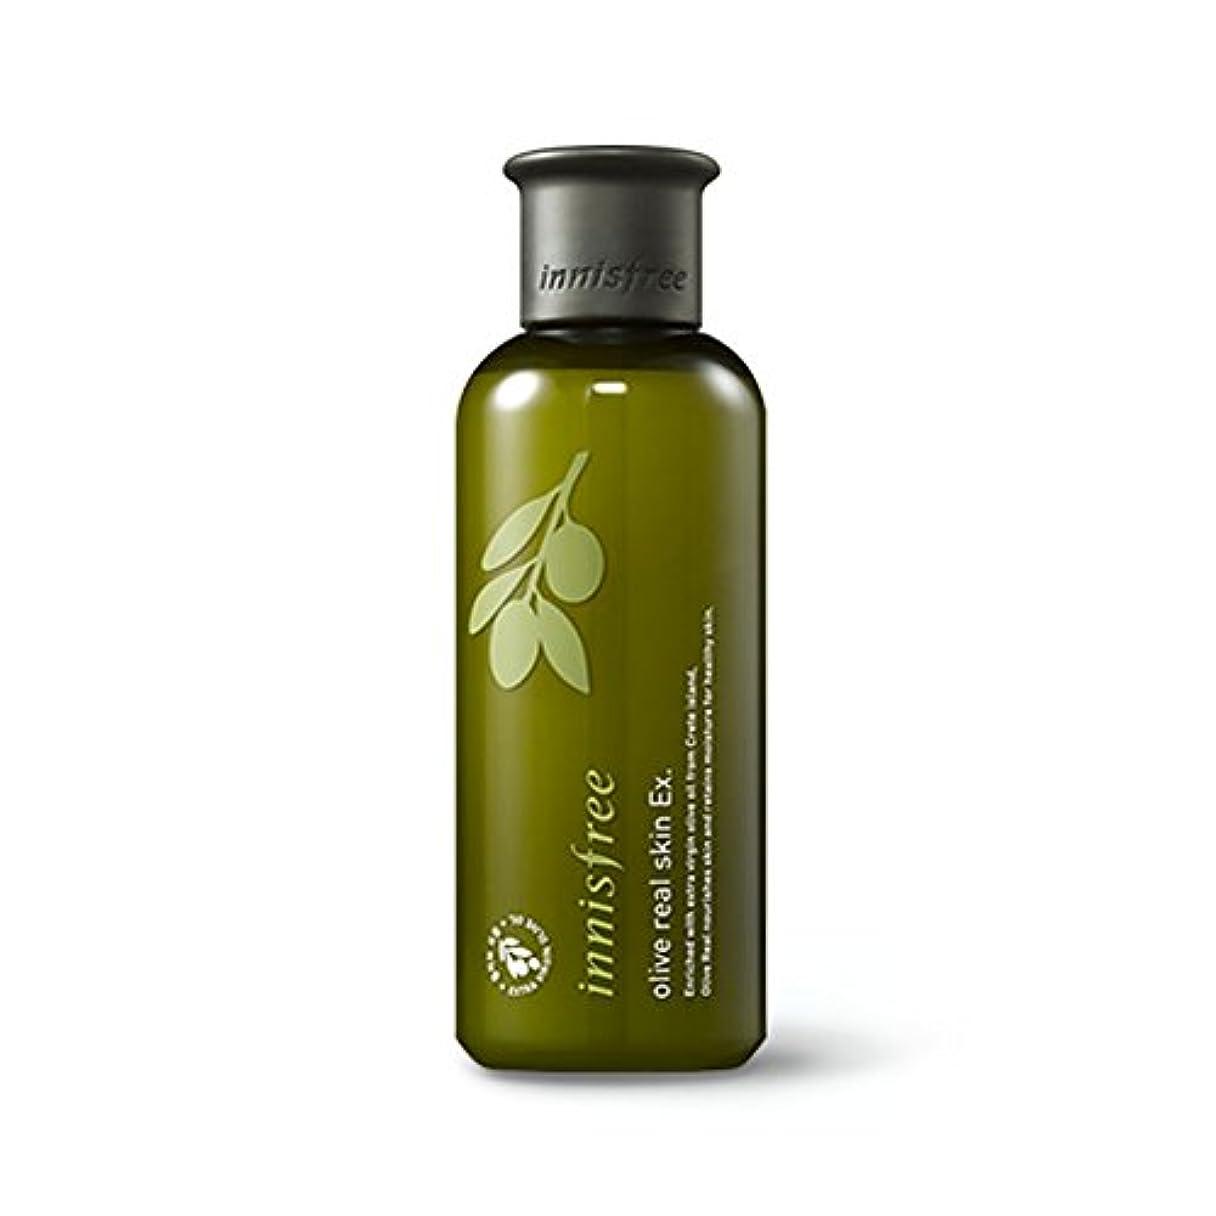 余計な水悲鳴イニスフリーオリーブリアルスキン 200ml Innisfree Olive Real Skin Ex. 200ml [海外直送品][並行輸入品]